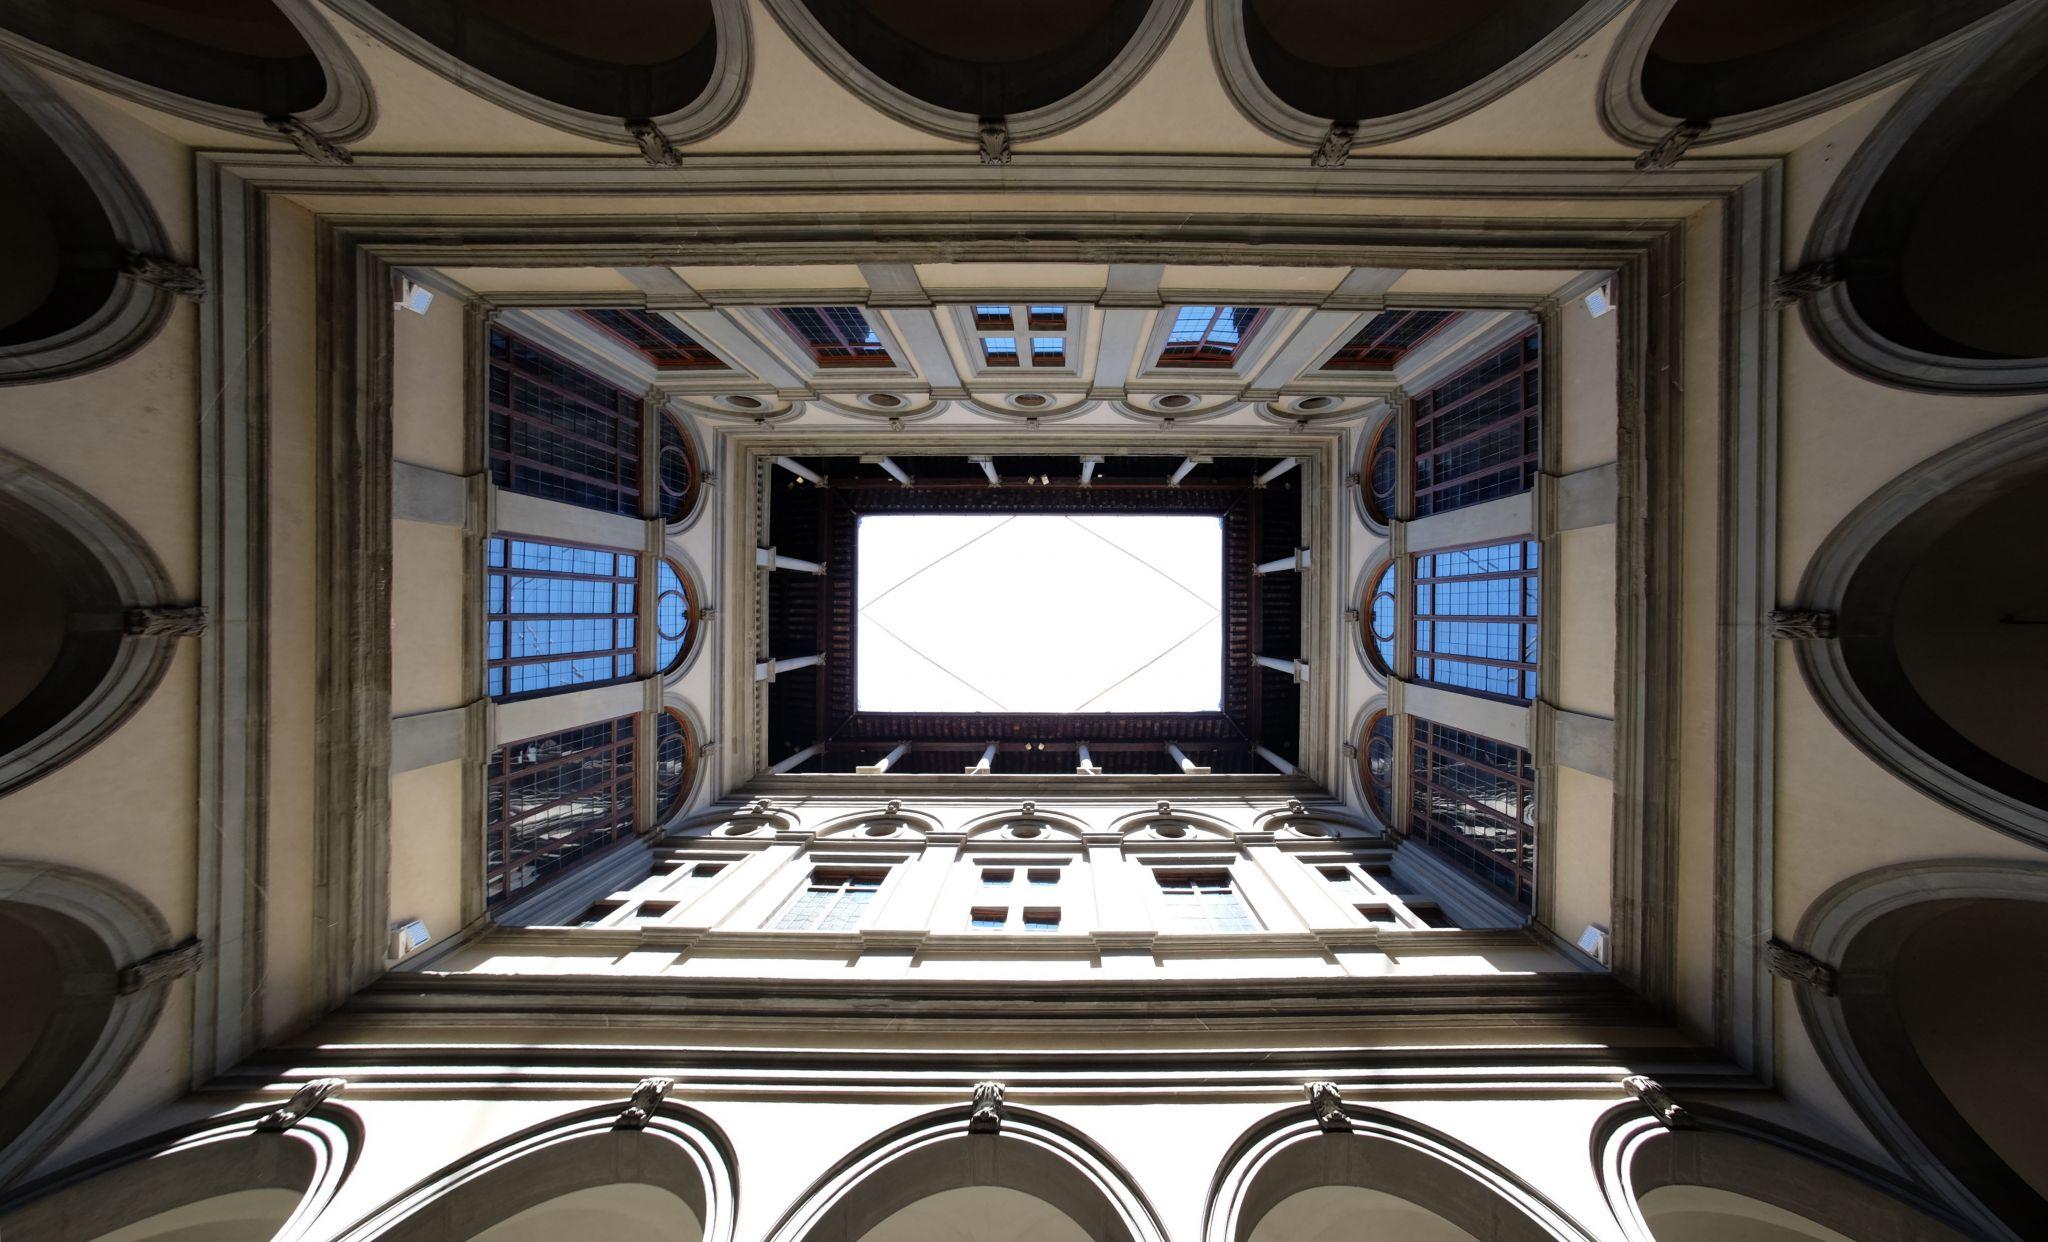 Palazzo Strozzi, Italy